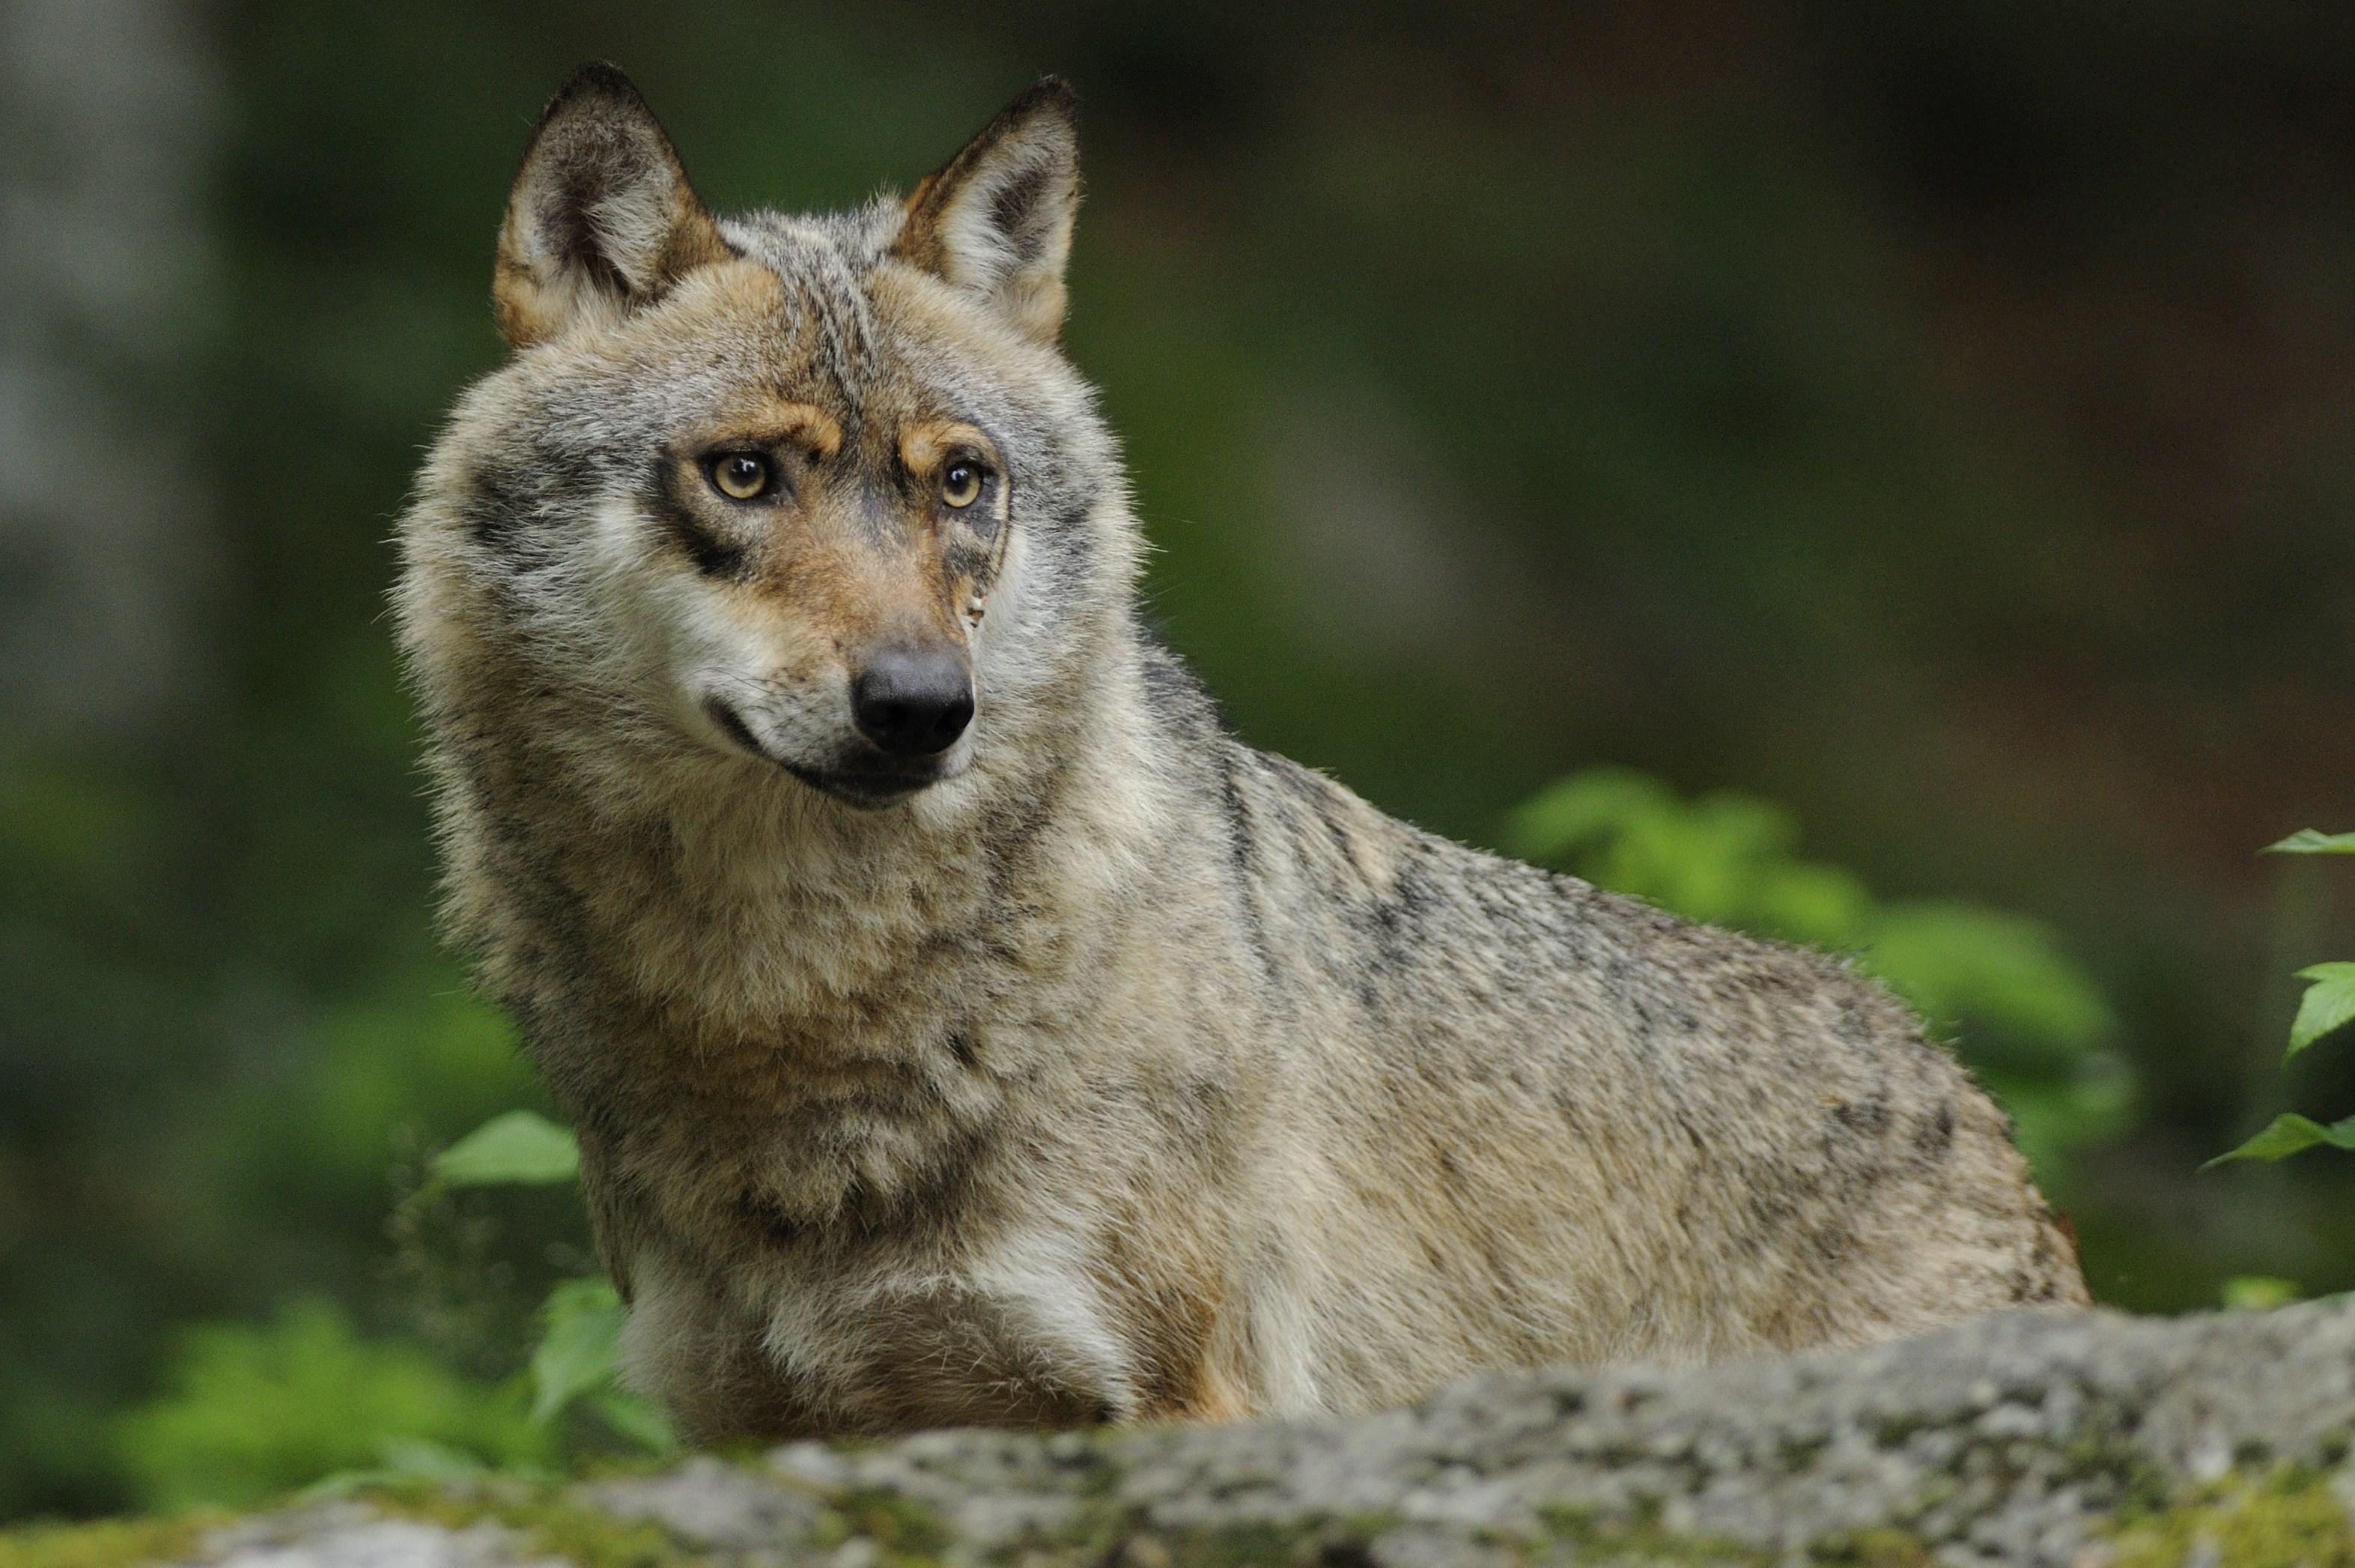 Wolf 3 Aus der Reihe Nachtgeflüster: Wölfe   Unsere neuen Nachbarn